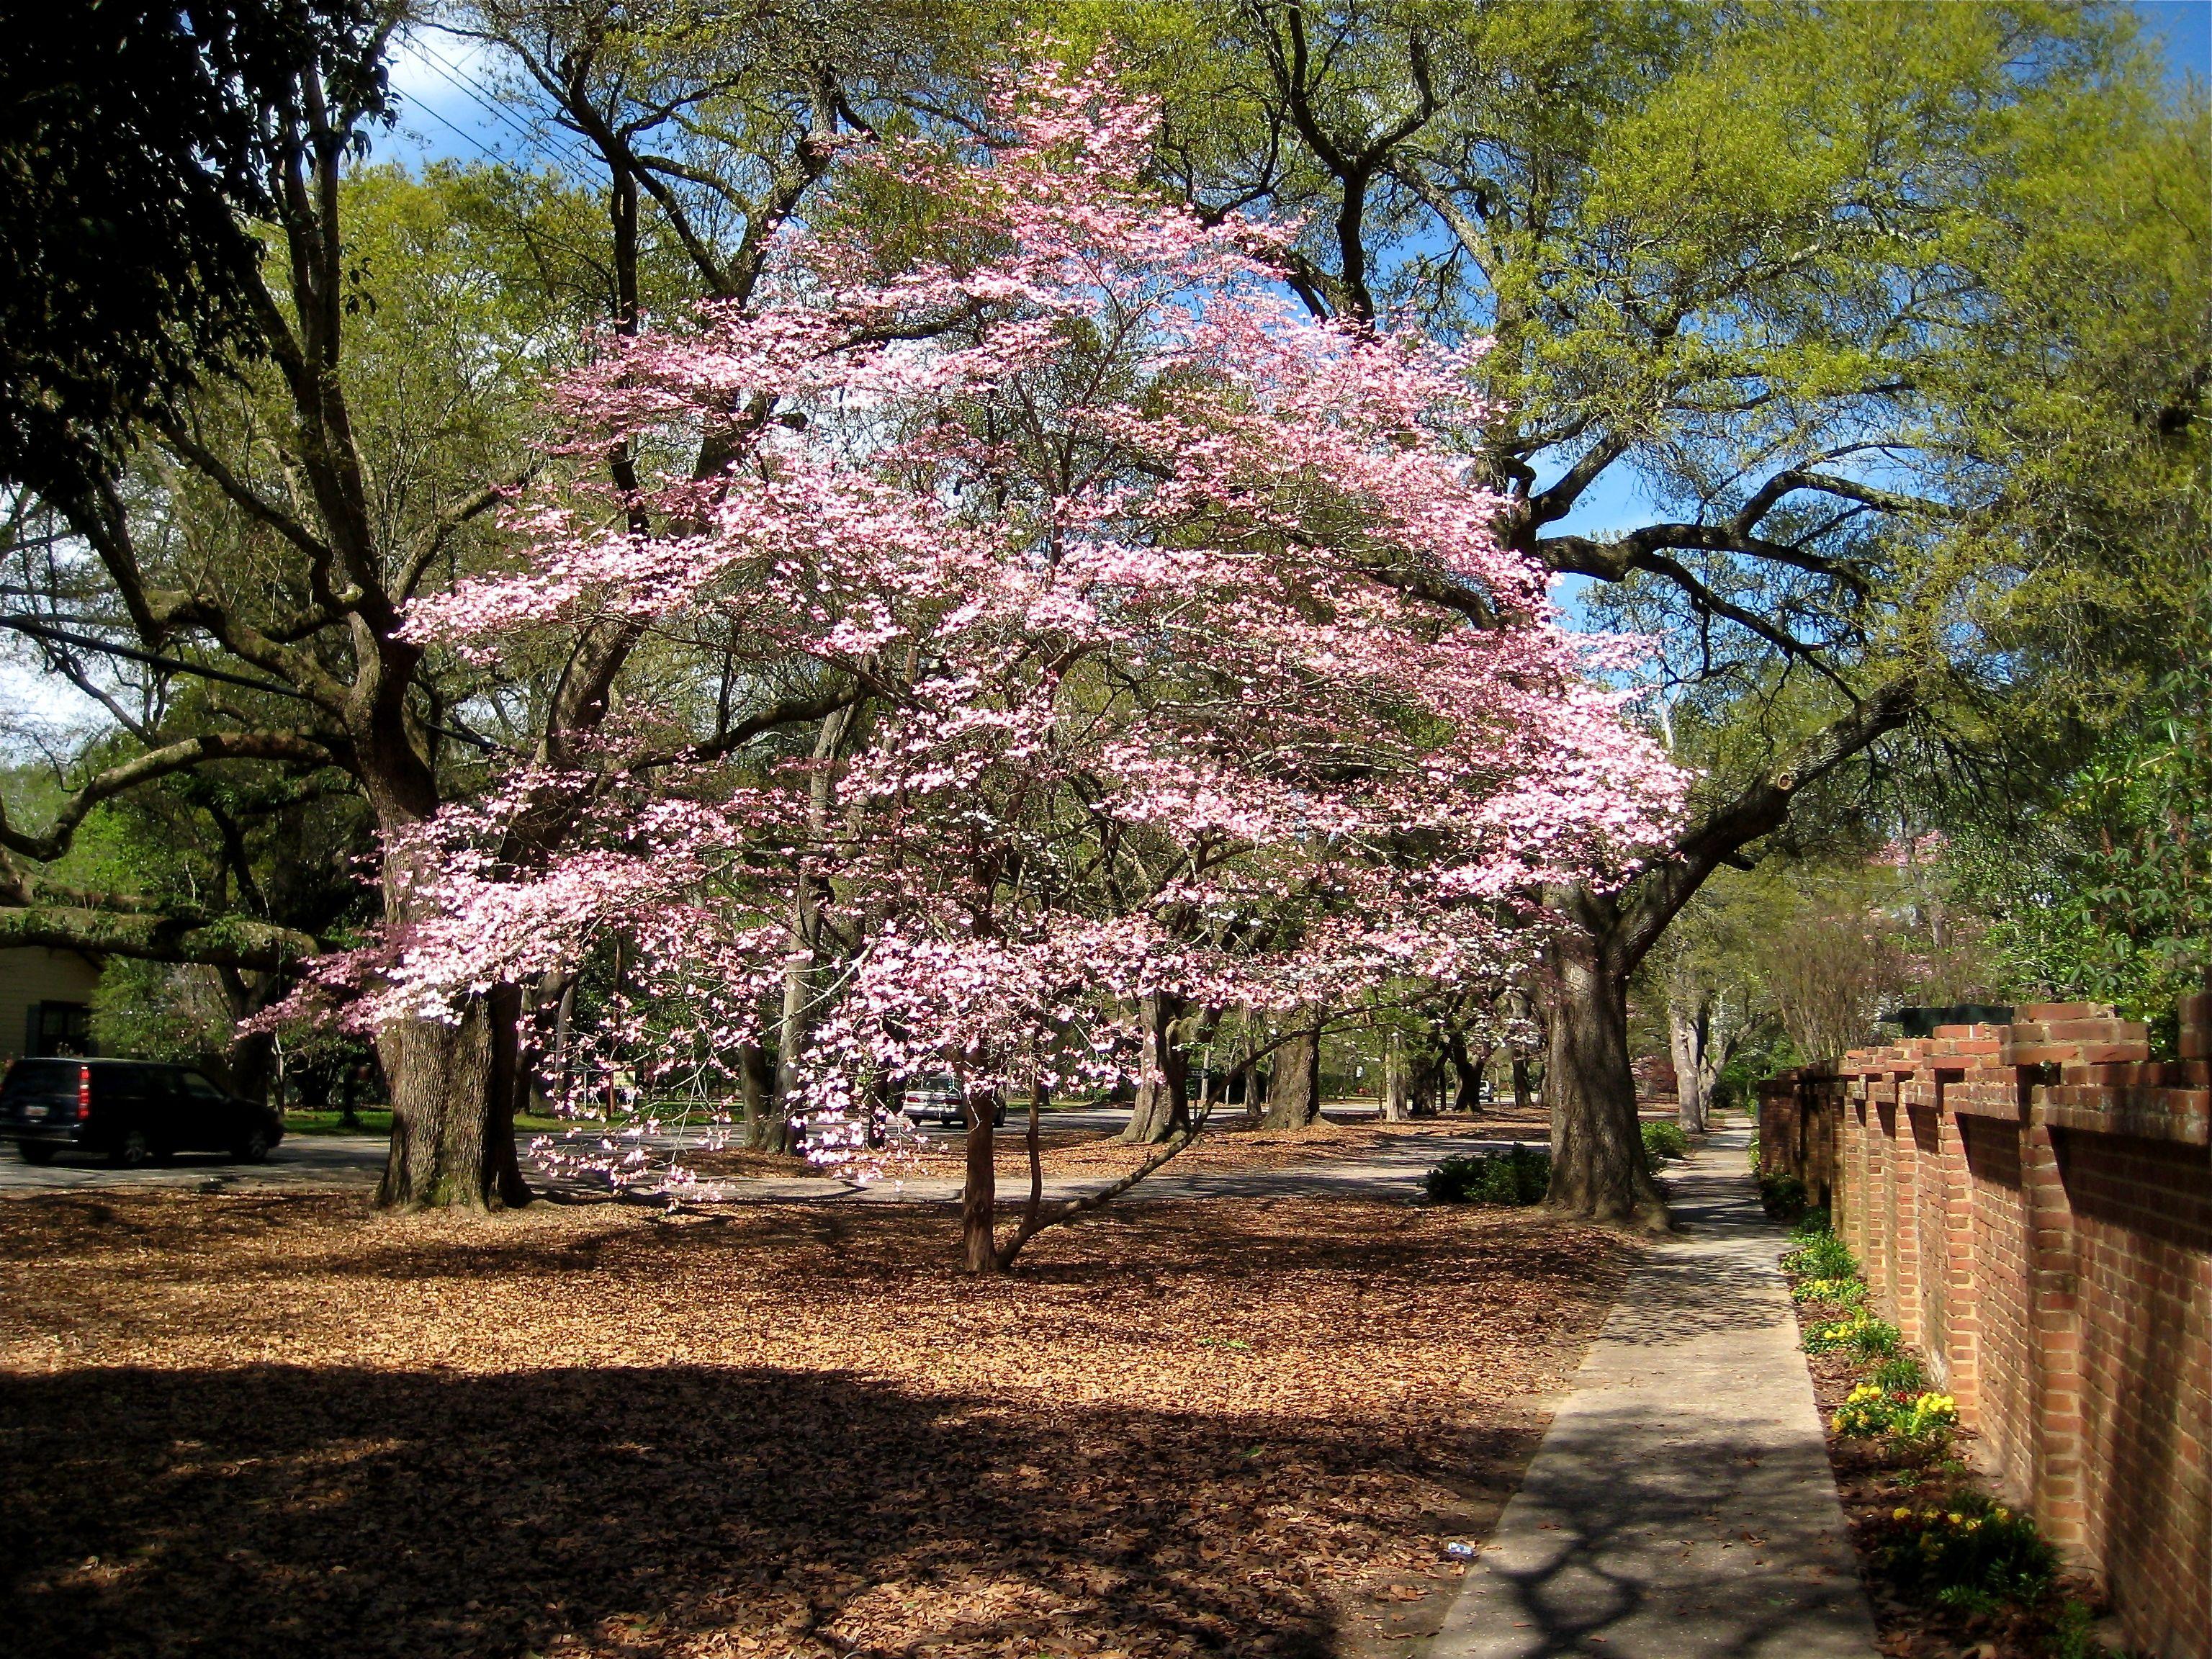 Japanese Flowering Cherry (Prunus x yedoensis) Pink